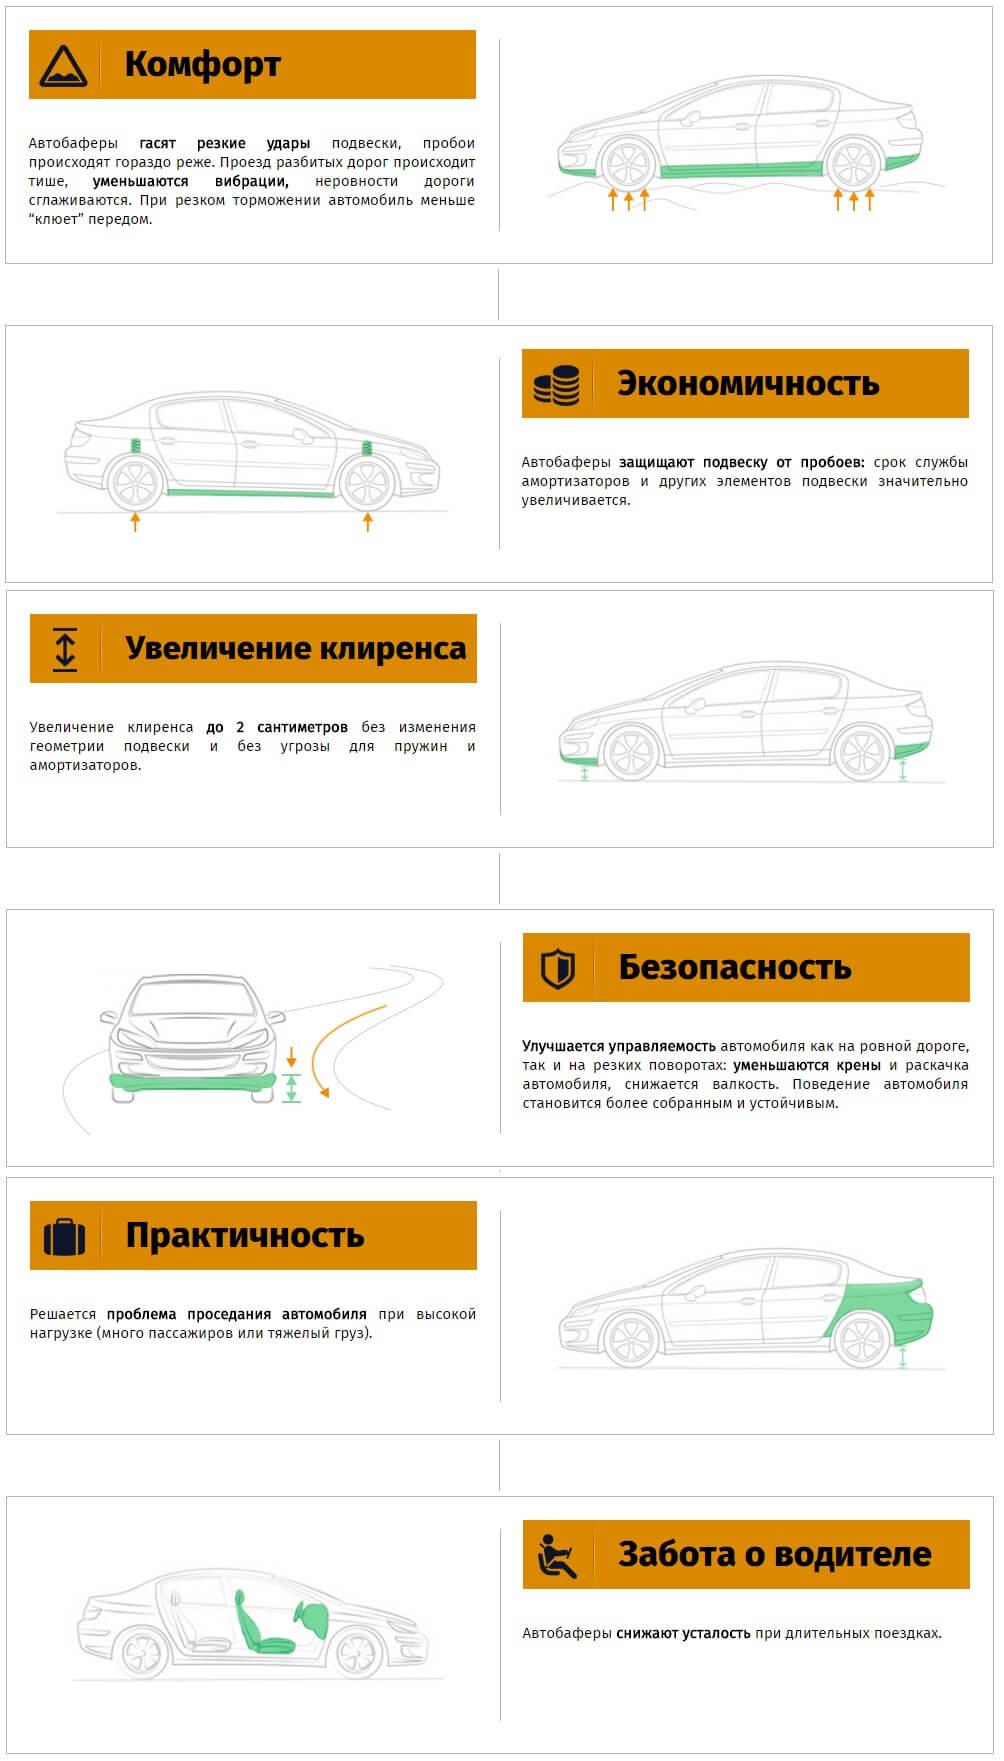 автобаферы отзывы автовладельцев